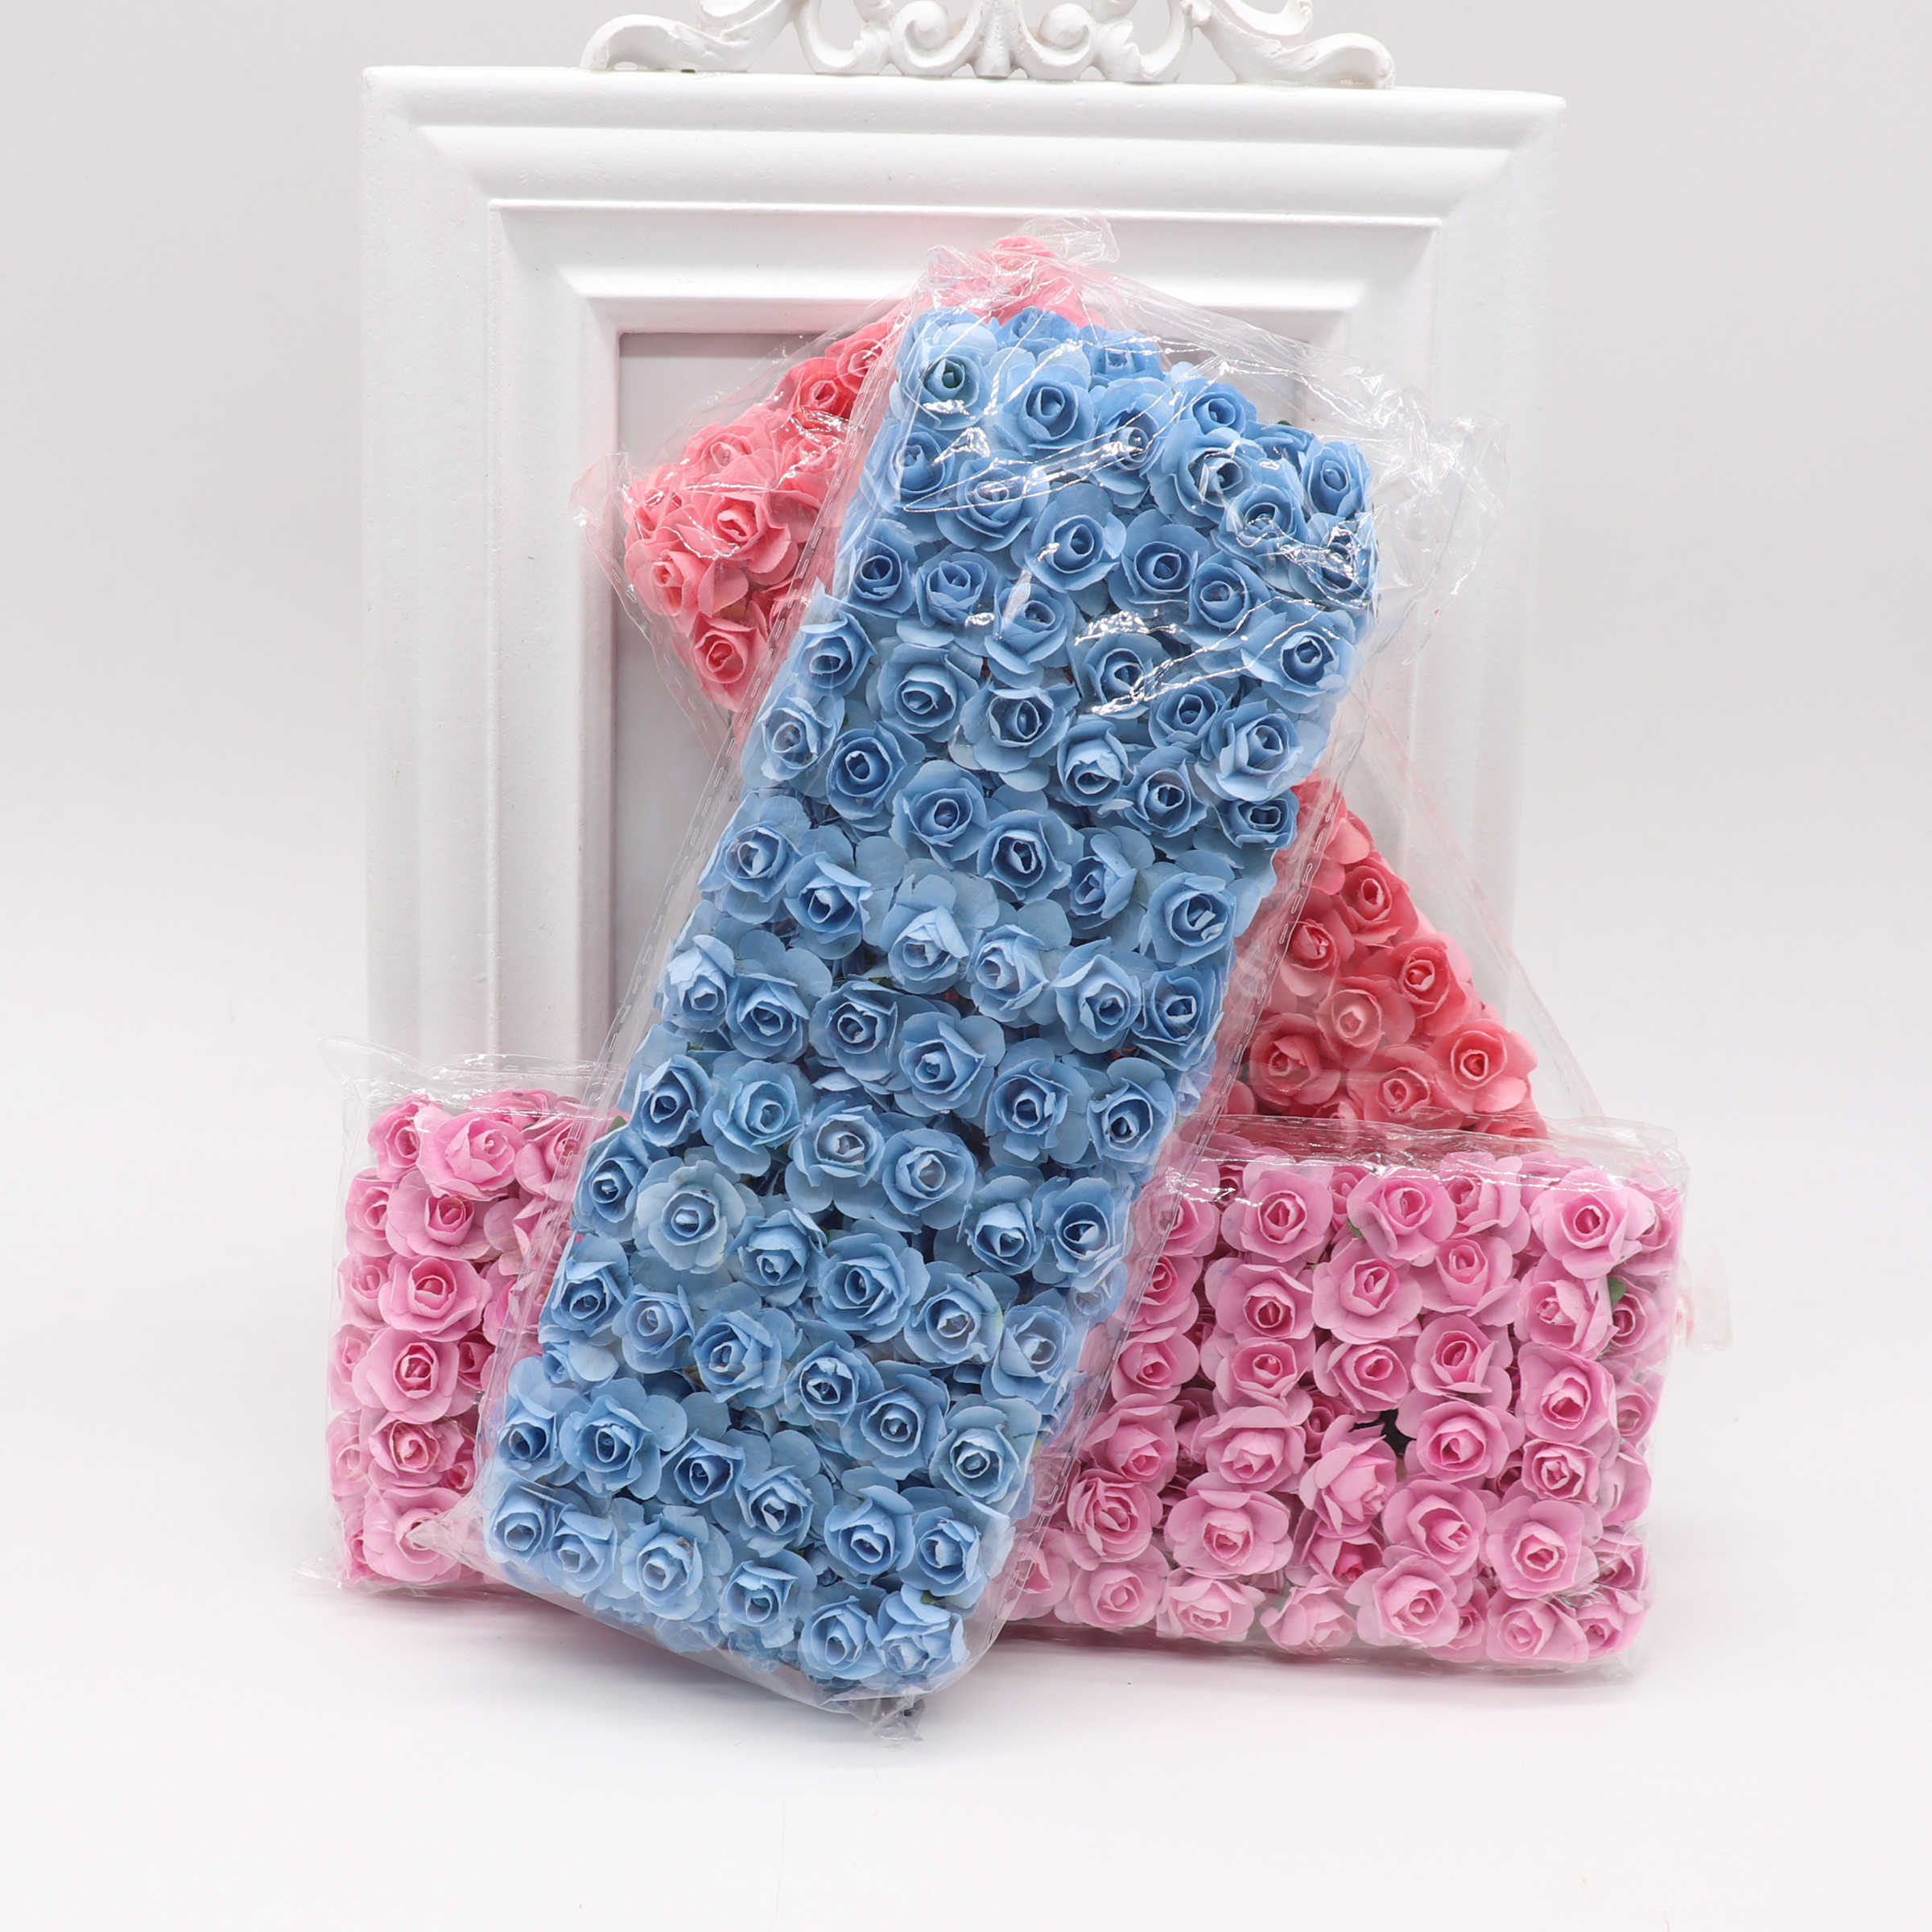 144 Pcs 1.5 Cm Mini Mini Buatan Kertas Rose Bunga DIY Wreath Scrapbook Pernikahan Ornamen Buatan Mawar Bunga Buatan